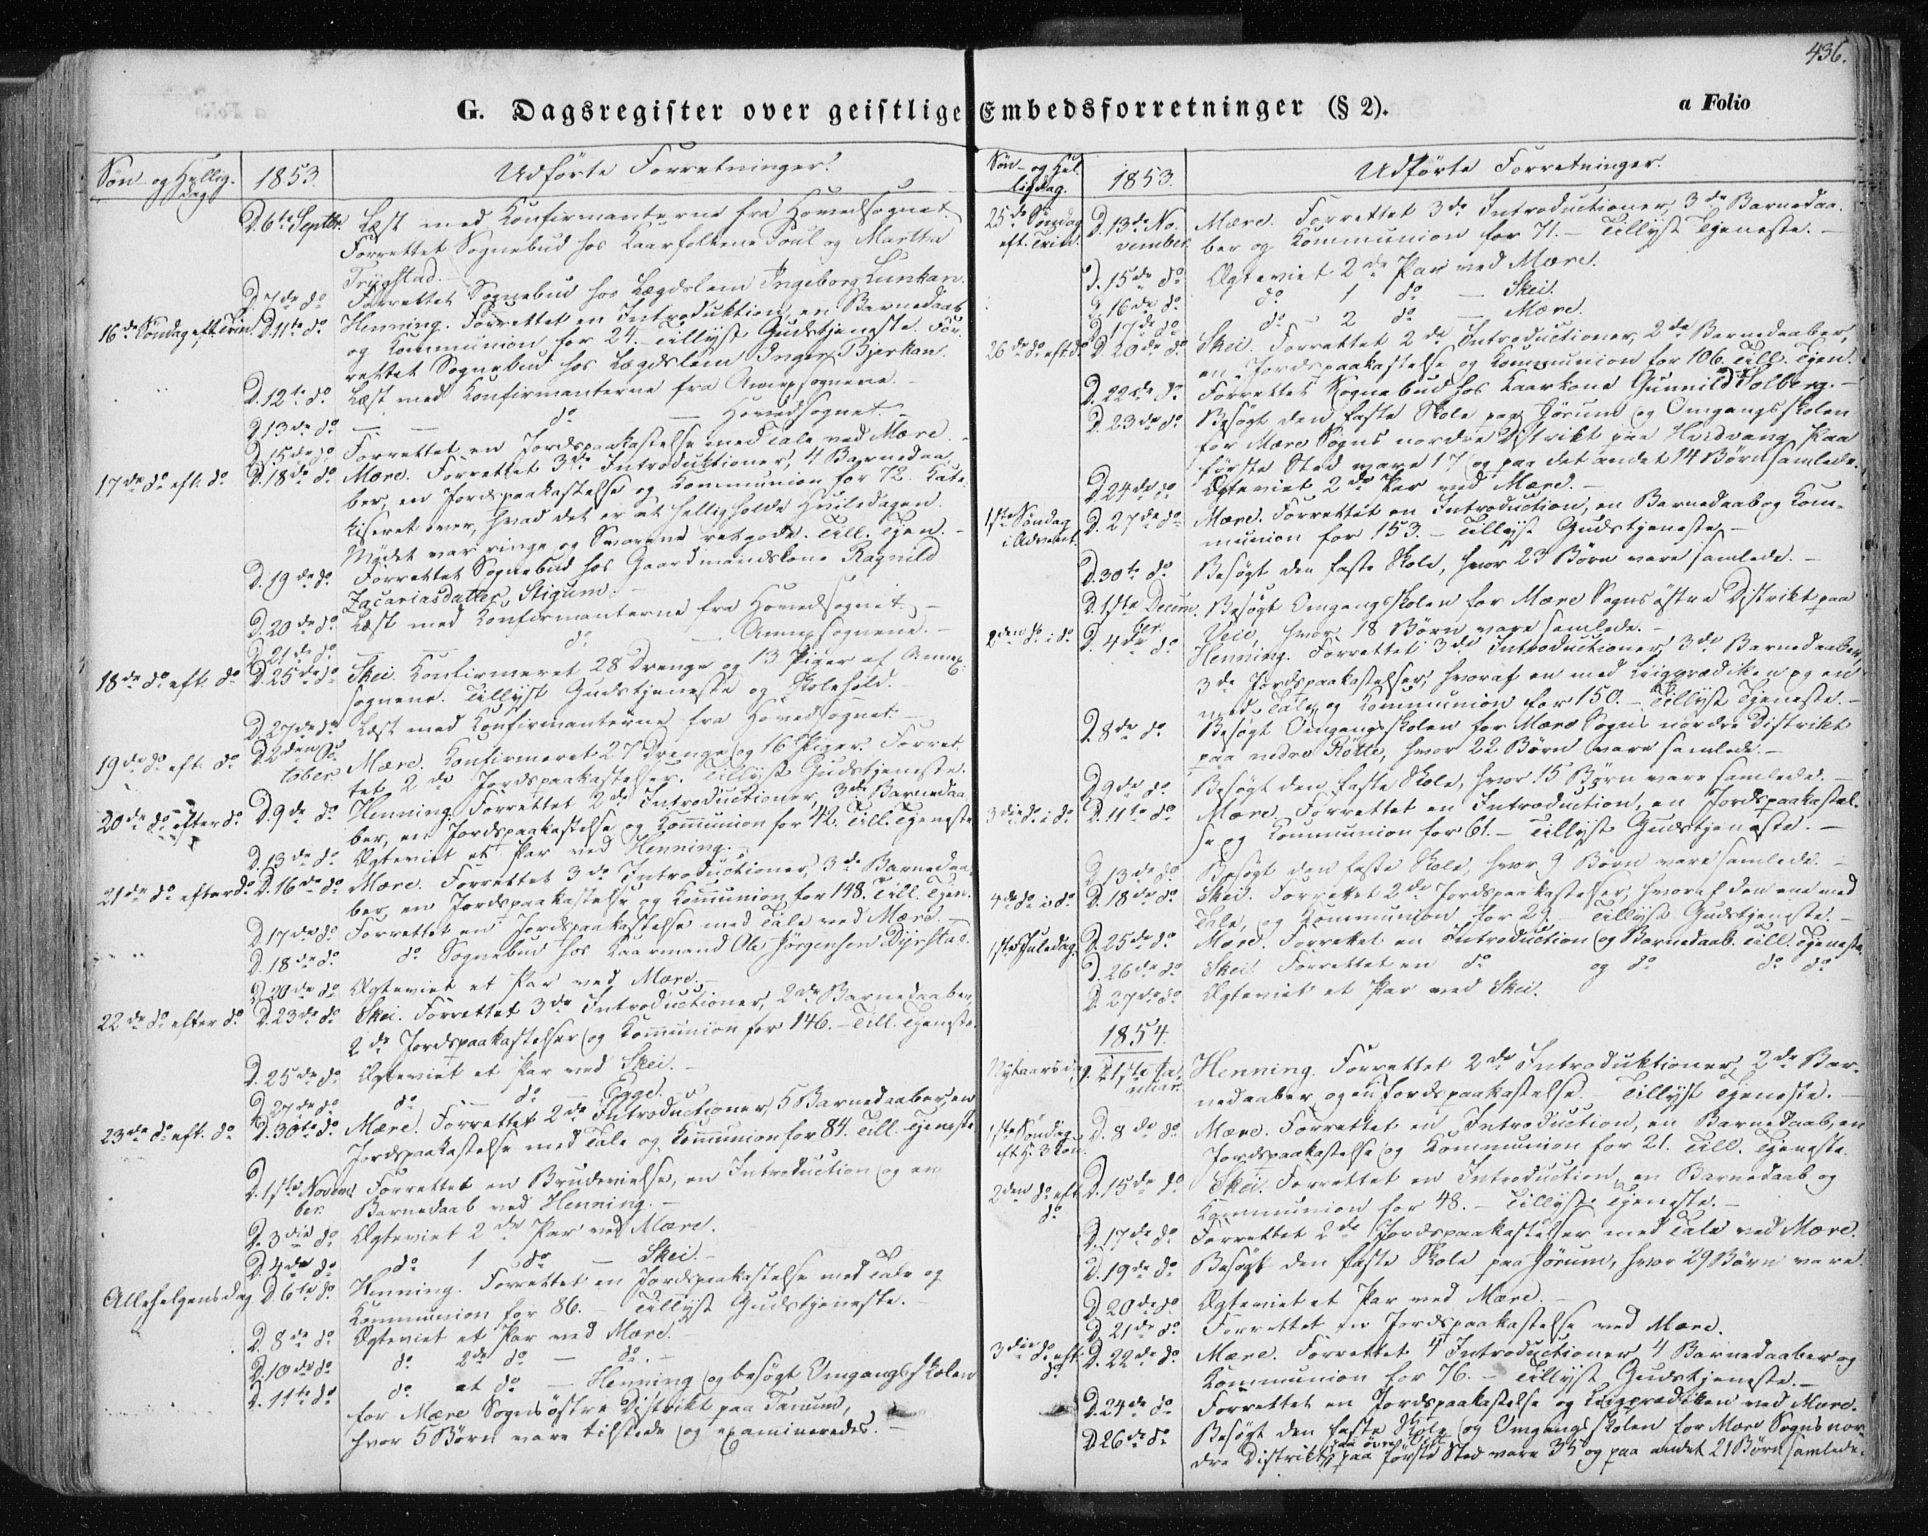 SAT, Ministerialprotokoller, klokkerbøker og fødselsregistre - Nord-Trøndelag, 735/L0342: Ministerialbok nr. 735A07 /1, 1849-1862, s. 436